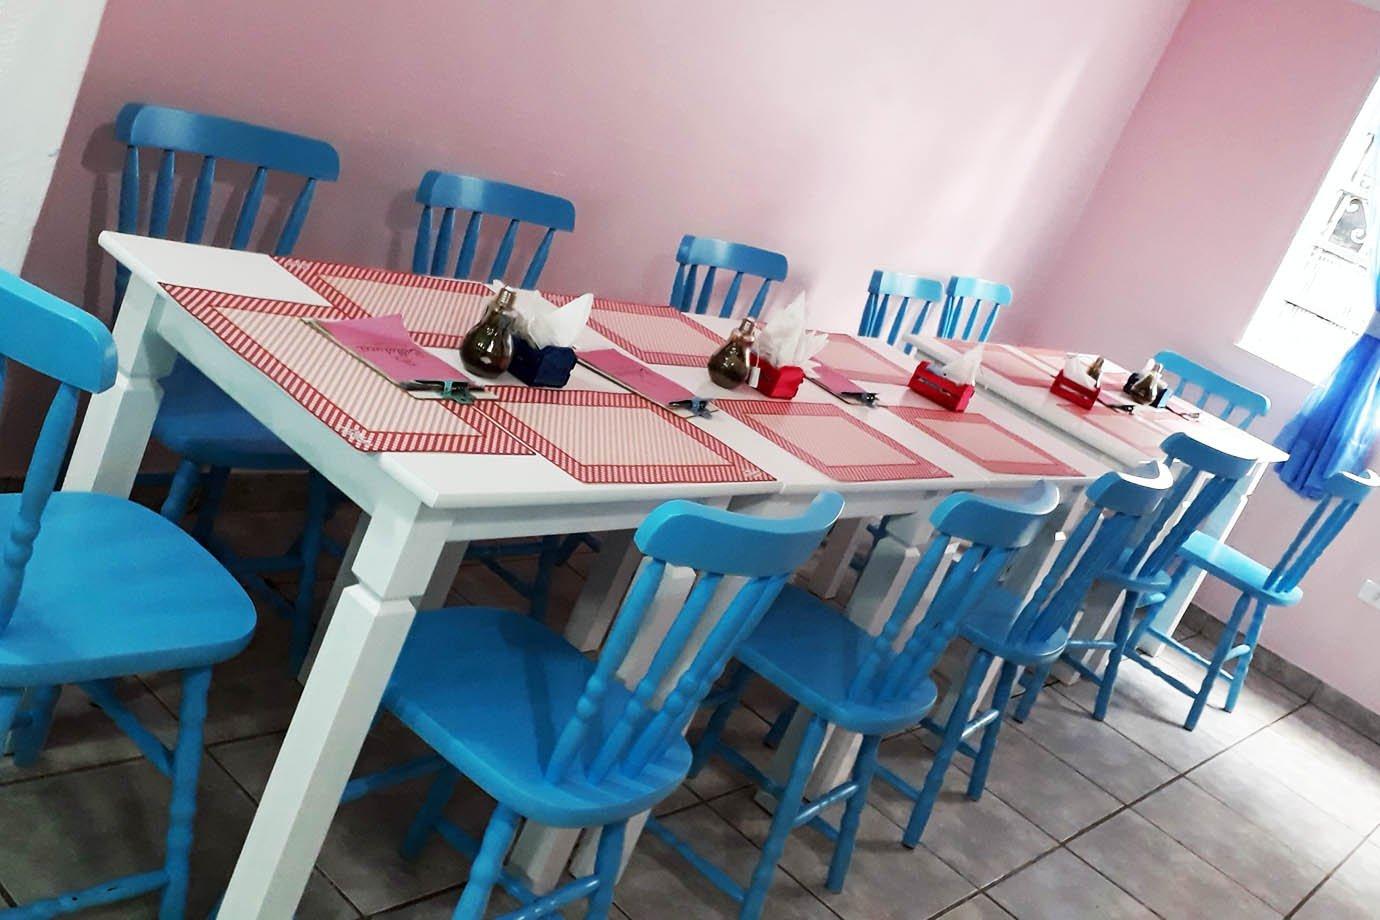 Parte do interior do café-bistrô Bellatucci